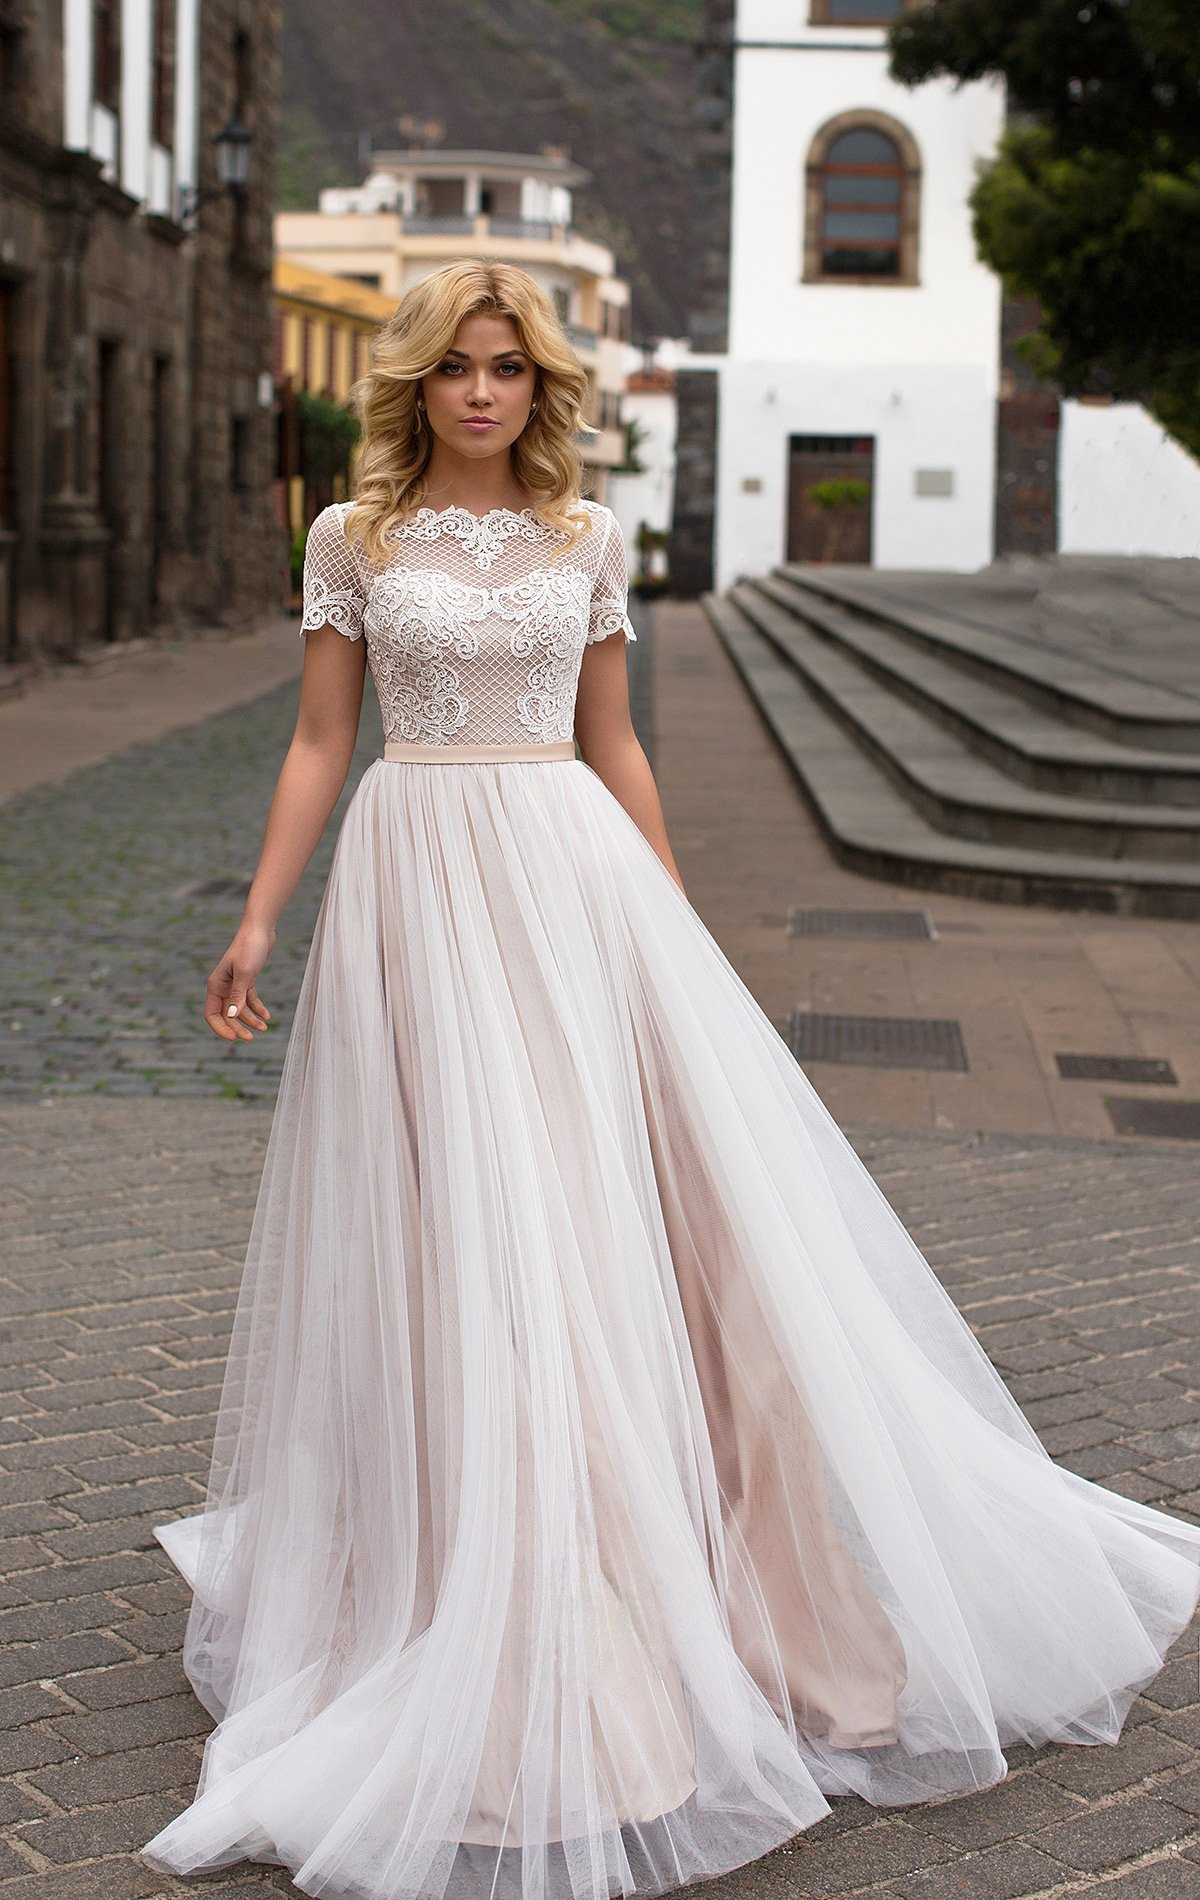 fef1e24137c8765 Свадебное платье с розовой юбкой под белым фатином и закрытым лифом из  кружевной ткани.